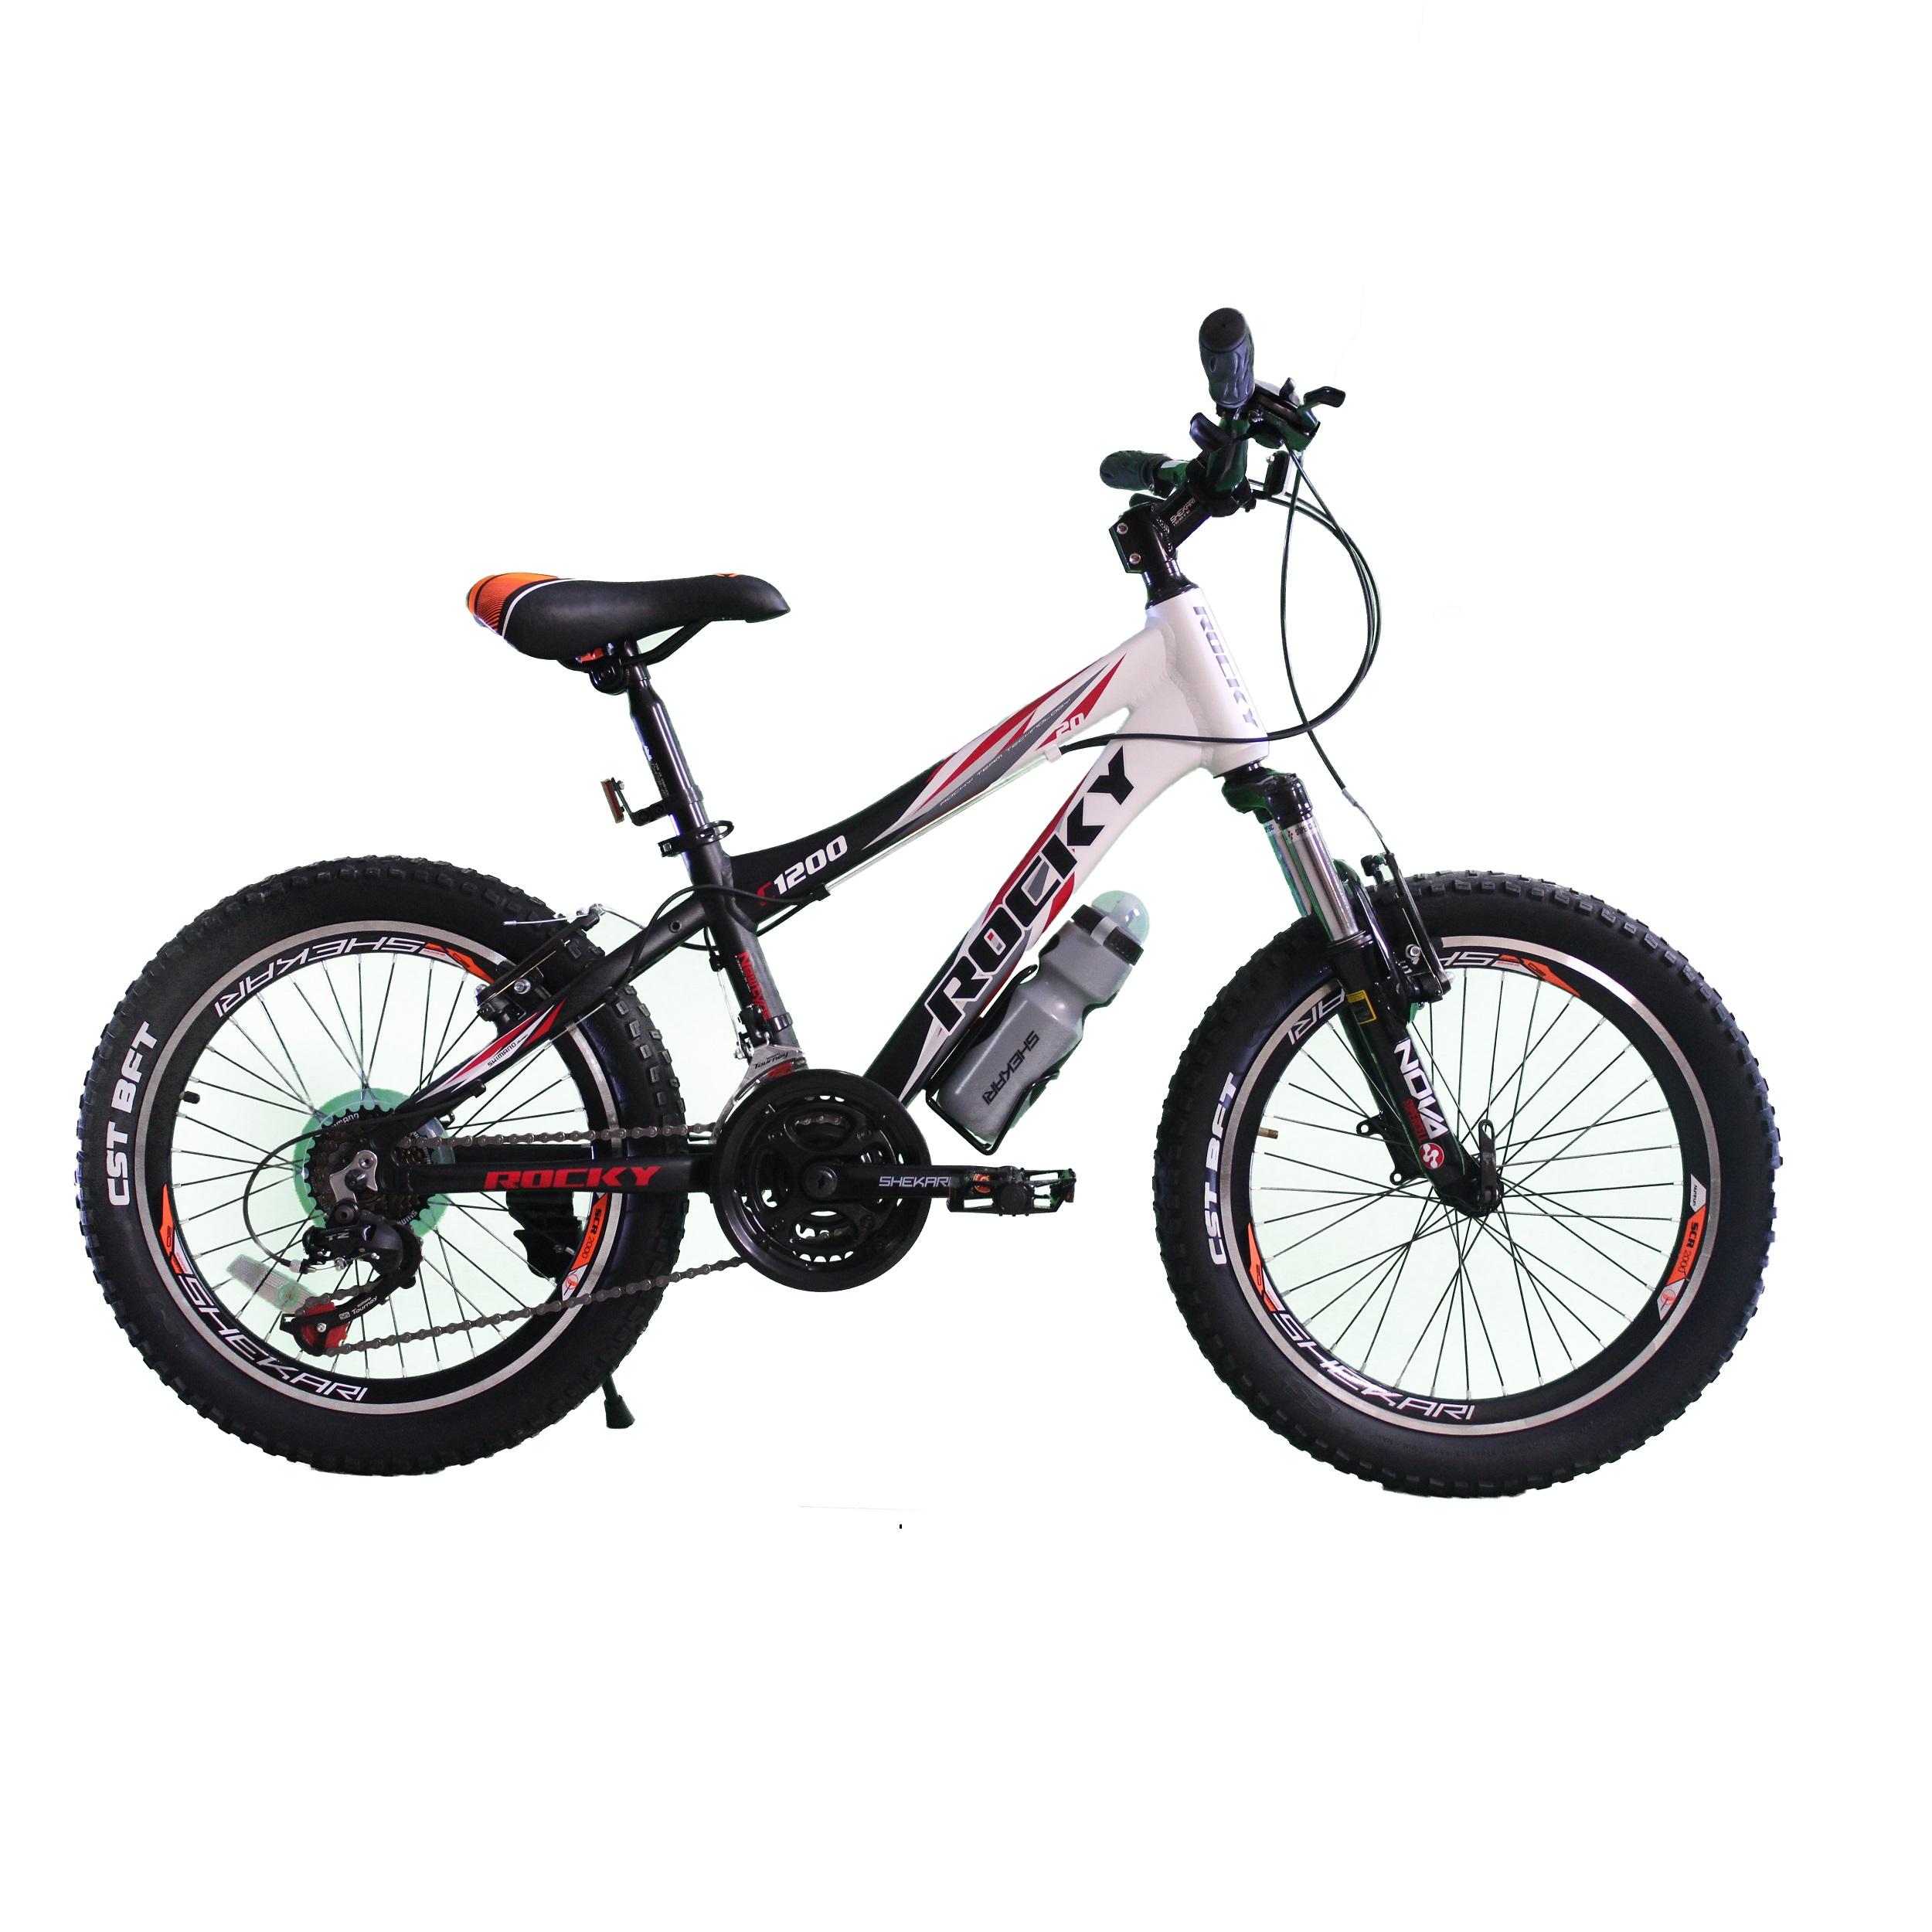 دوچرخه کوهستان راکی مدل 1200 سایز 20